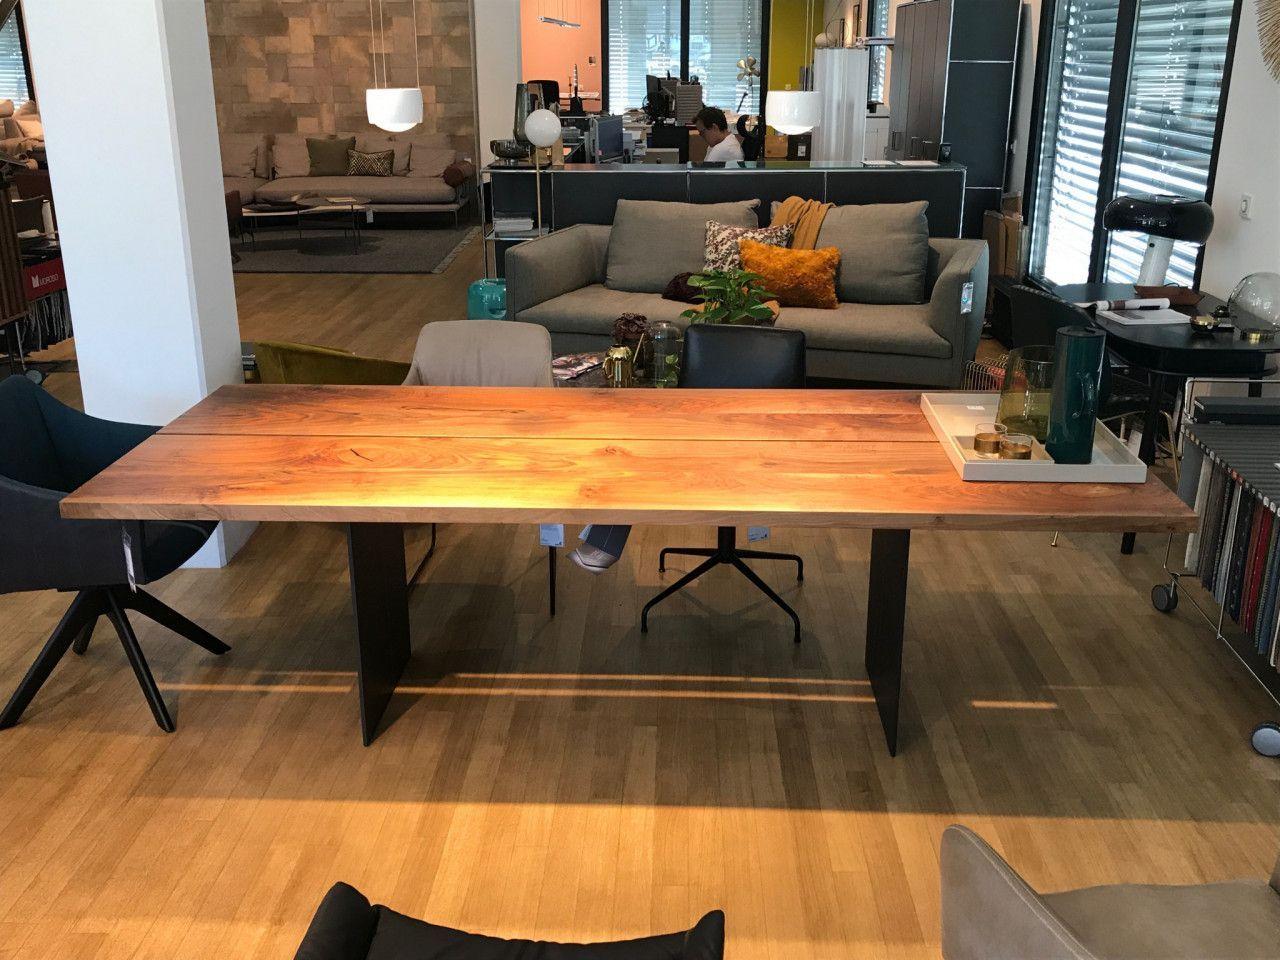 Tix Von Zoom By Mobimex Designermobel Nurnberg Mobeldesign Wohn Design Innenarchitektur